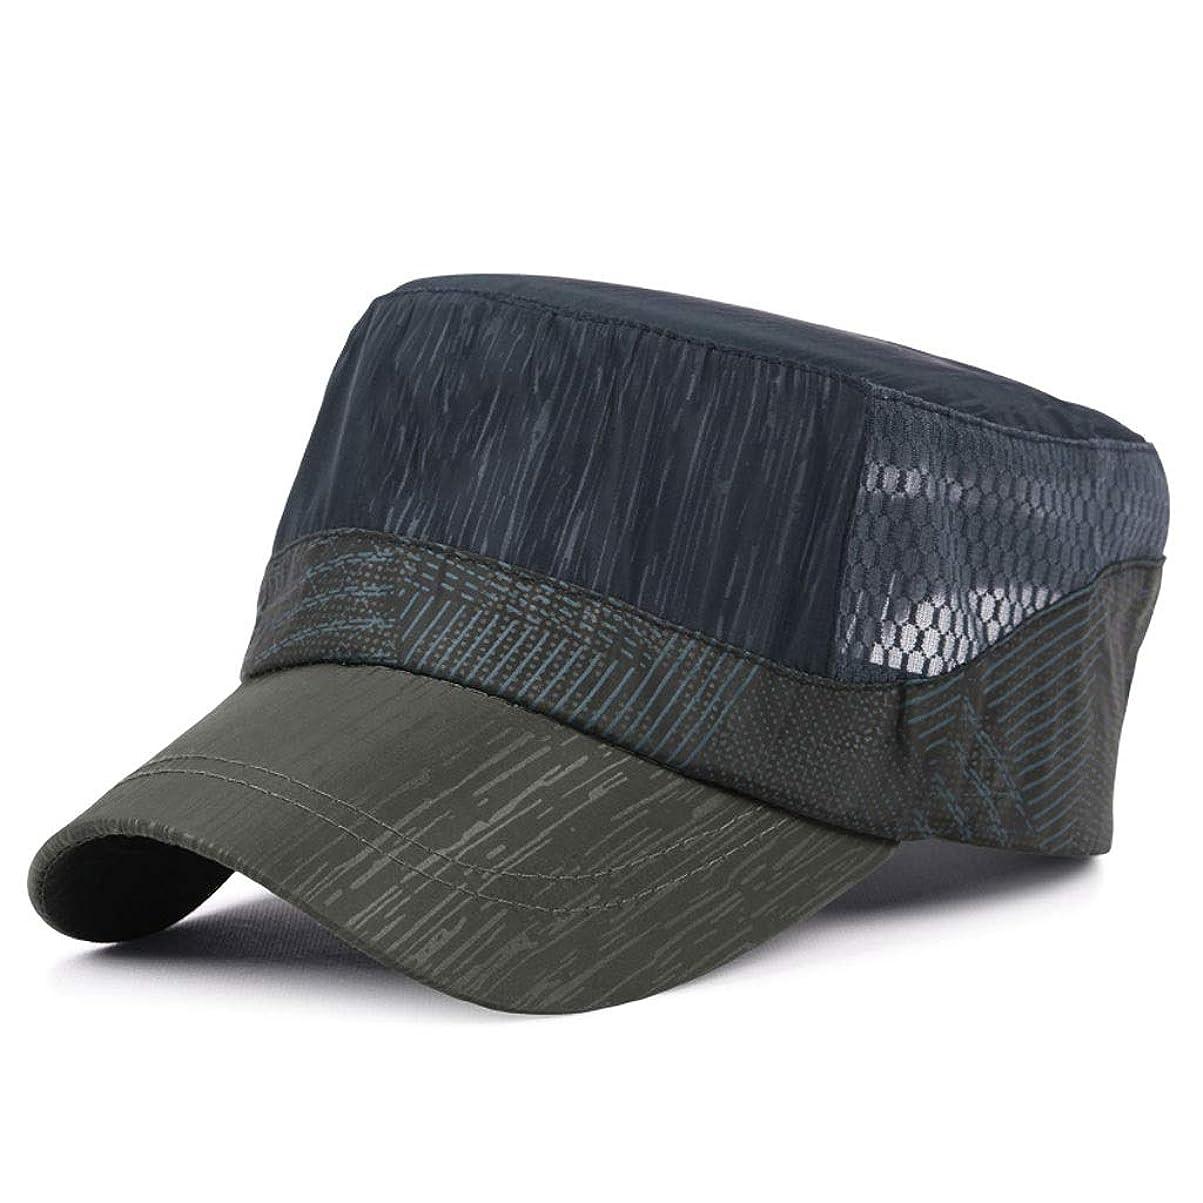 あなたが良くなります資源ショルダー日よけ帽 日曜日帽子夏フラットトップメンズ屋外日焼け止めバイザーキャップ速乾性通気性野球帽55-60 cm UPF 40+ ZHAOSHUNLI (Color : Navy blue)